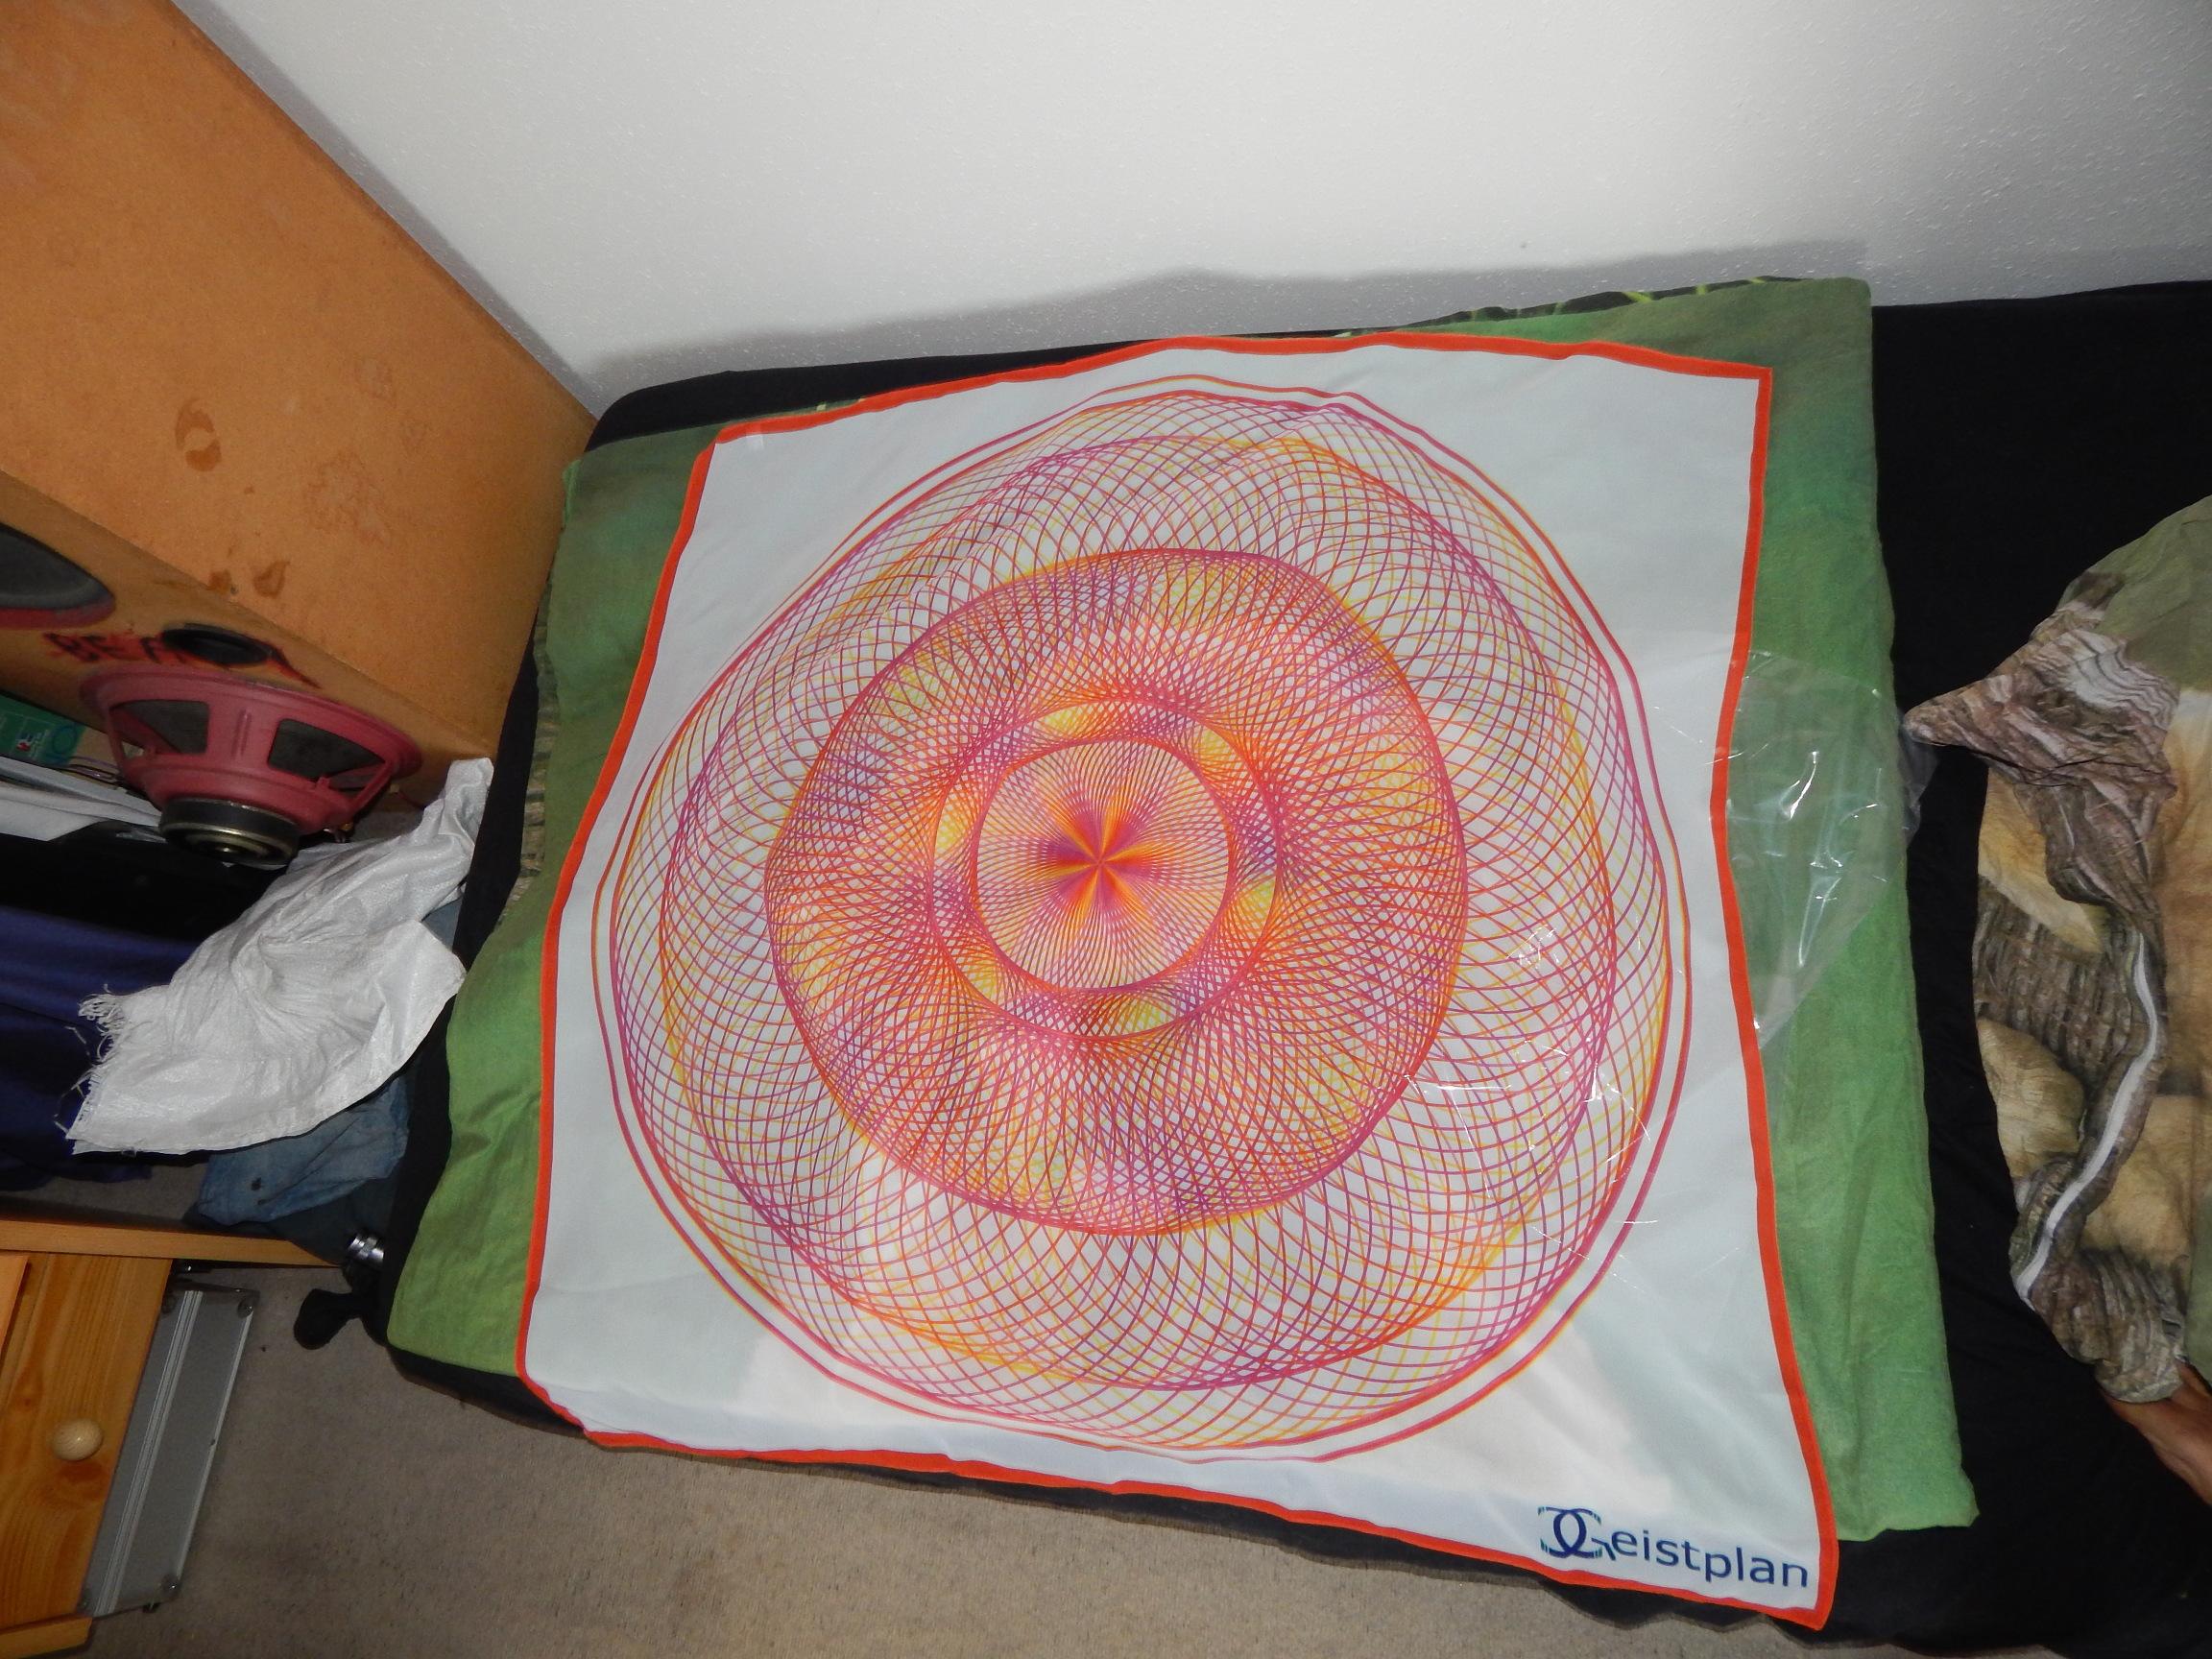 Foto von einem Seidentuch mit komplexen Mandala als Aufdruck.